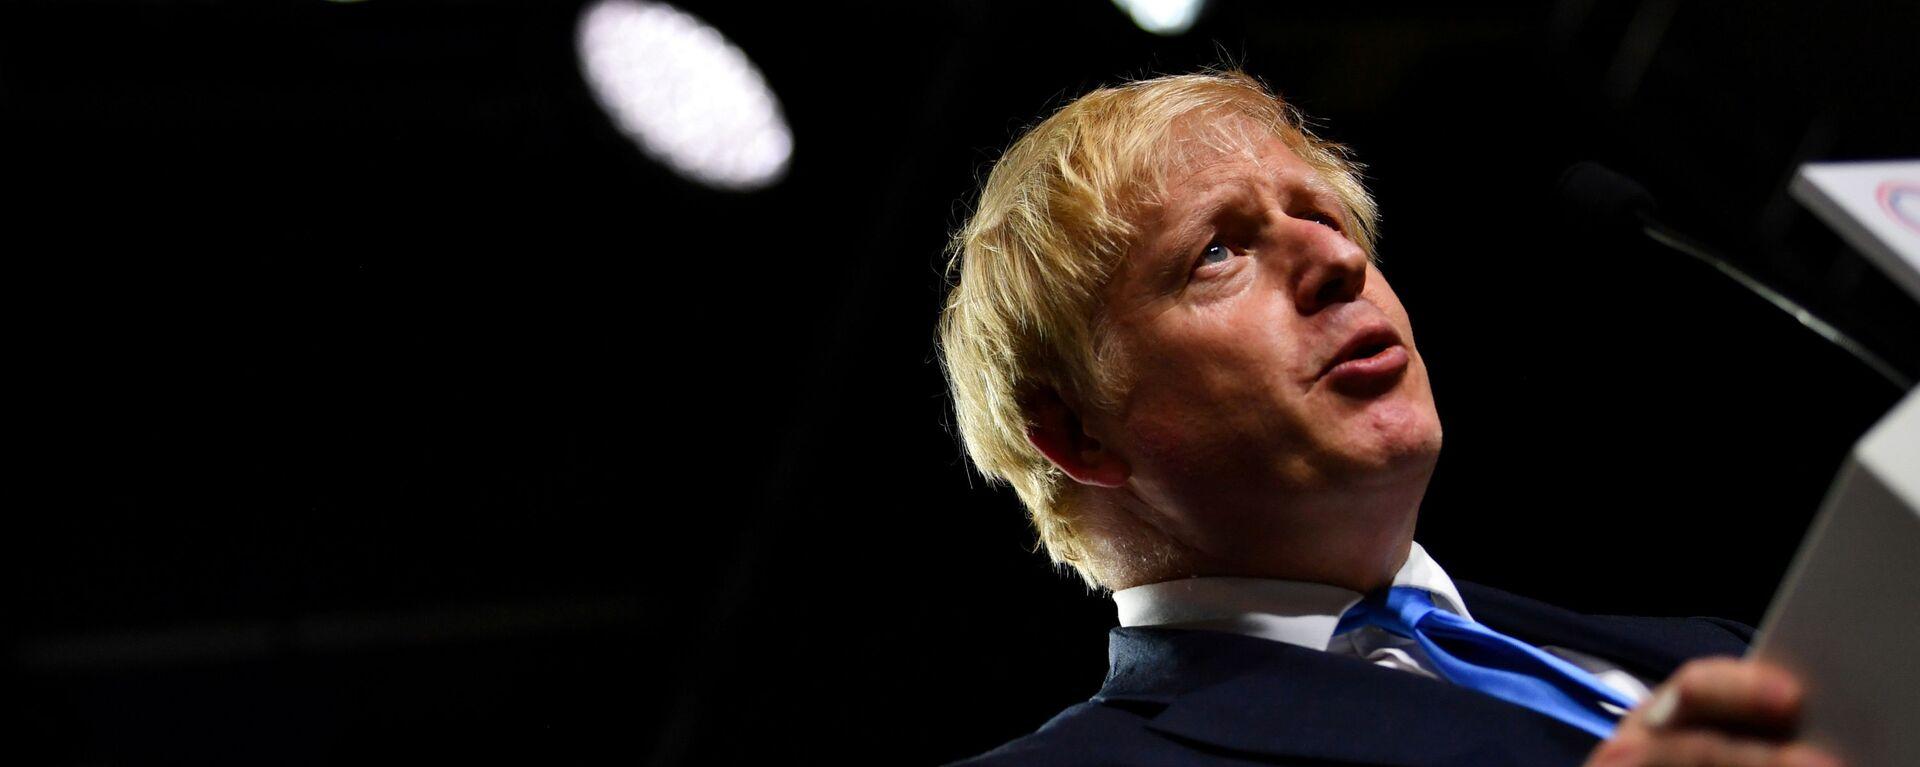 Britský premiér Boris Johnson - Sputnik Česká republika, 1920, 16.09.2021